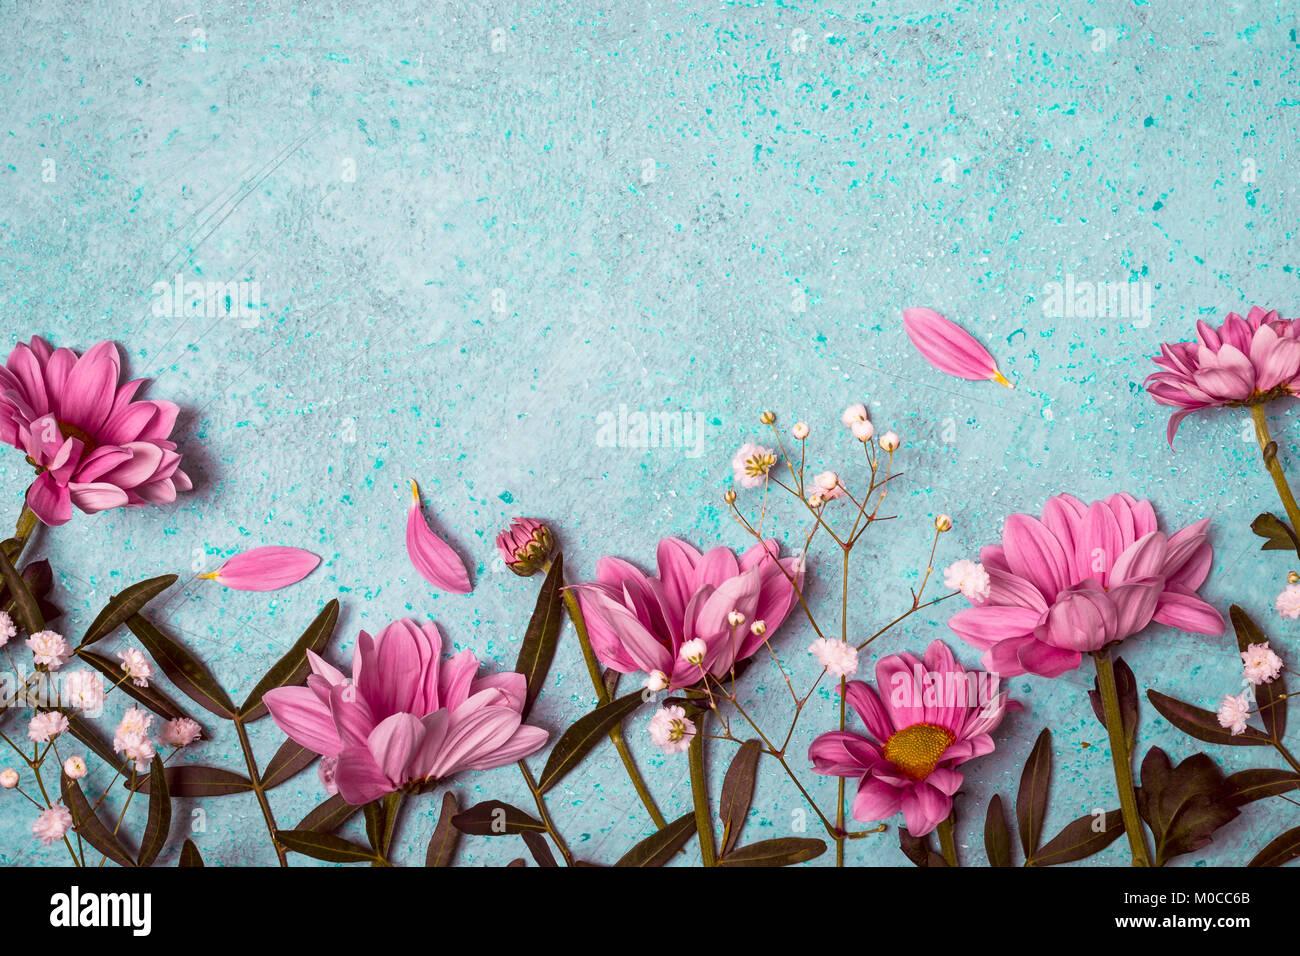 Primavera Estate Natura Creativa Dello Sfondo Fiori Di Colore Rosa